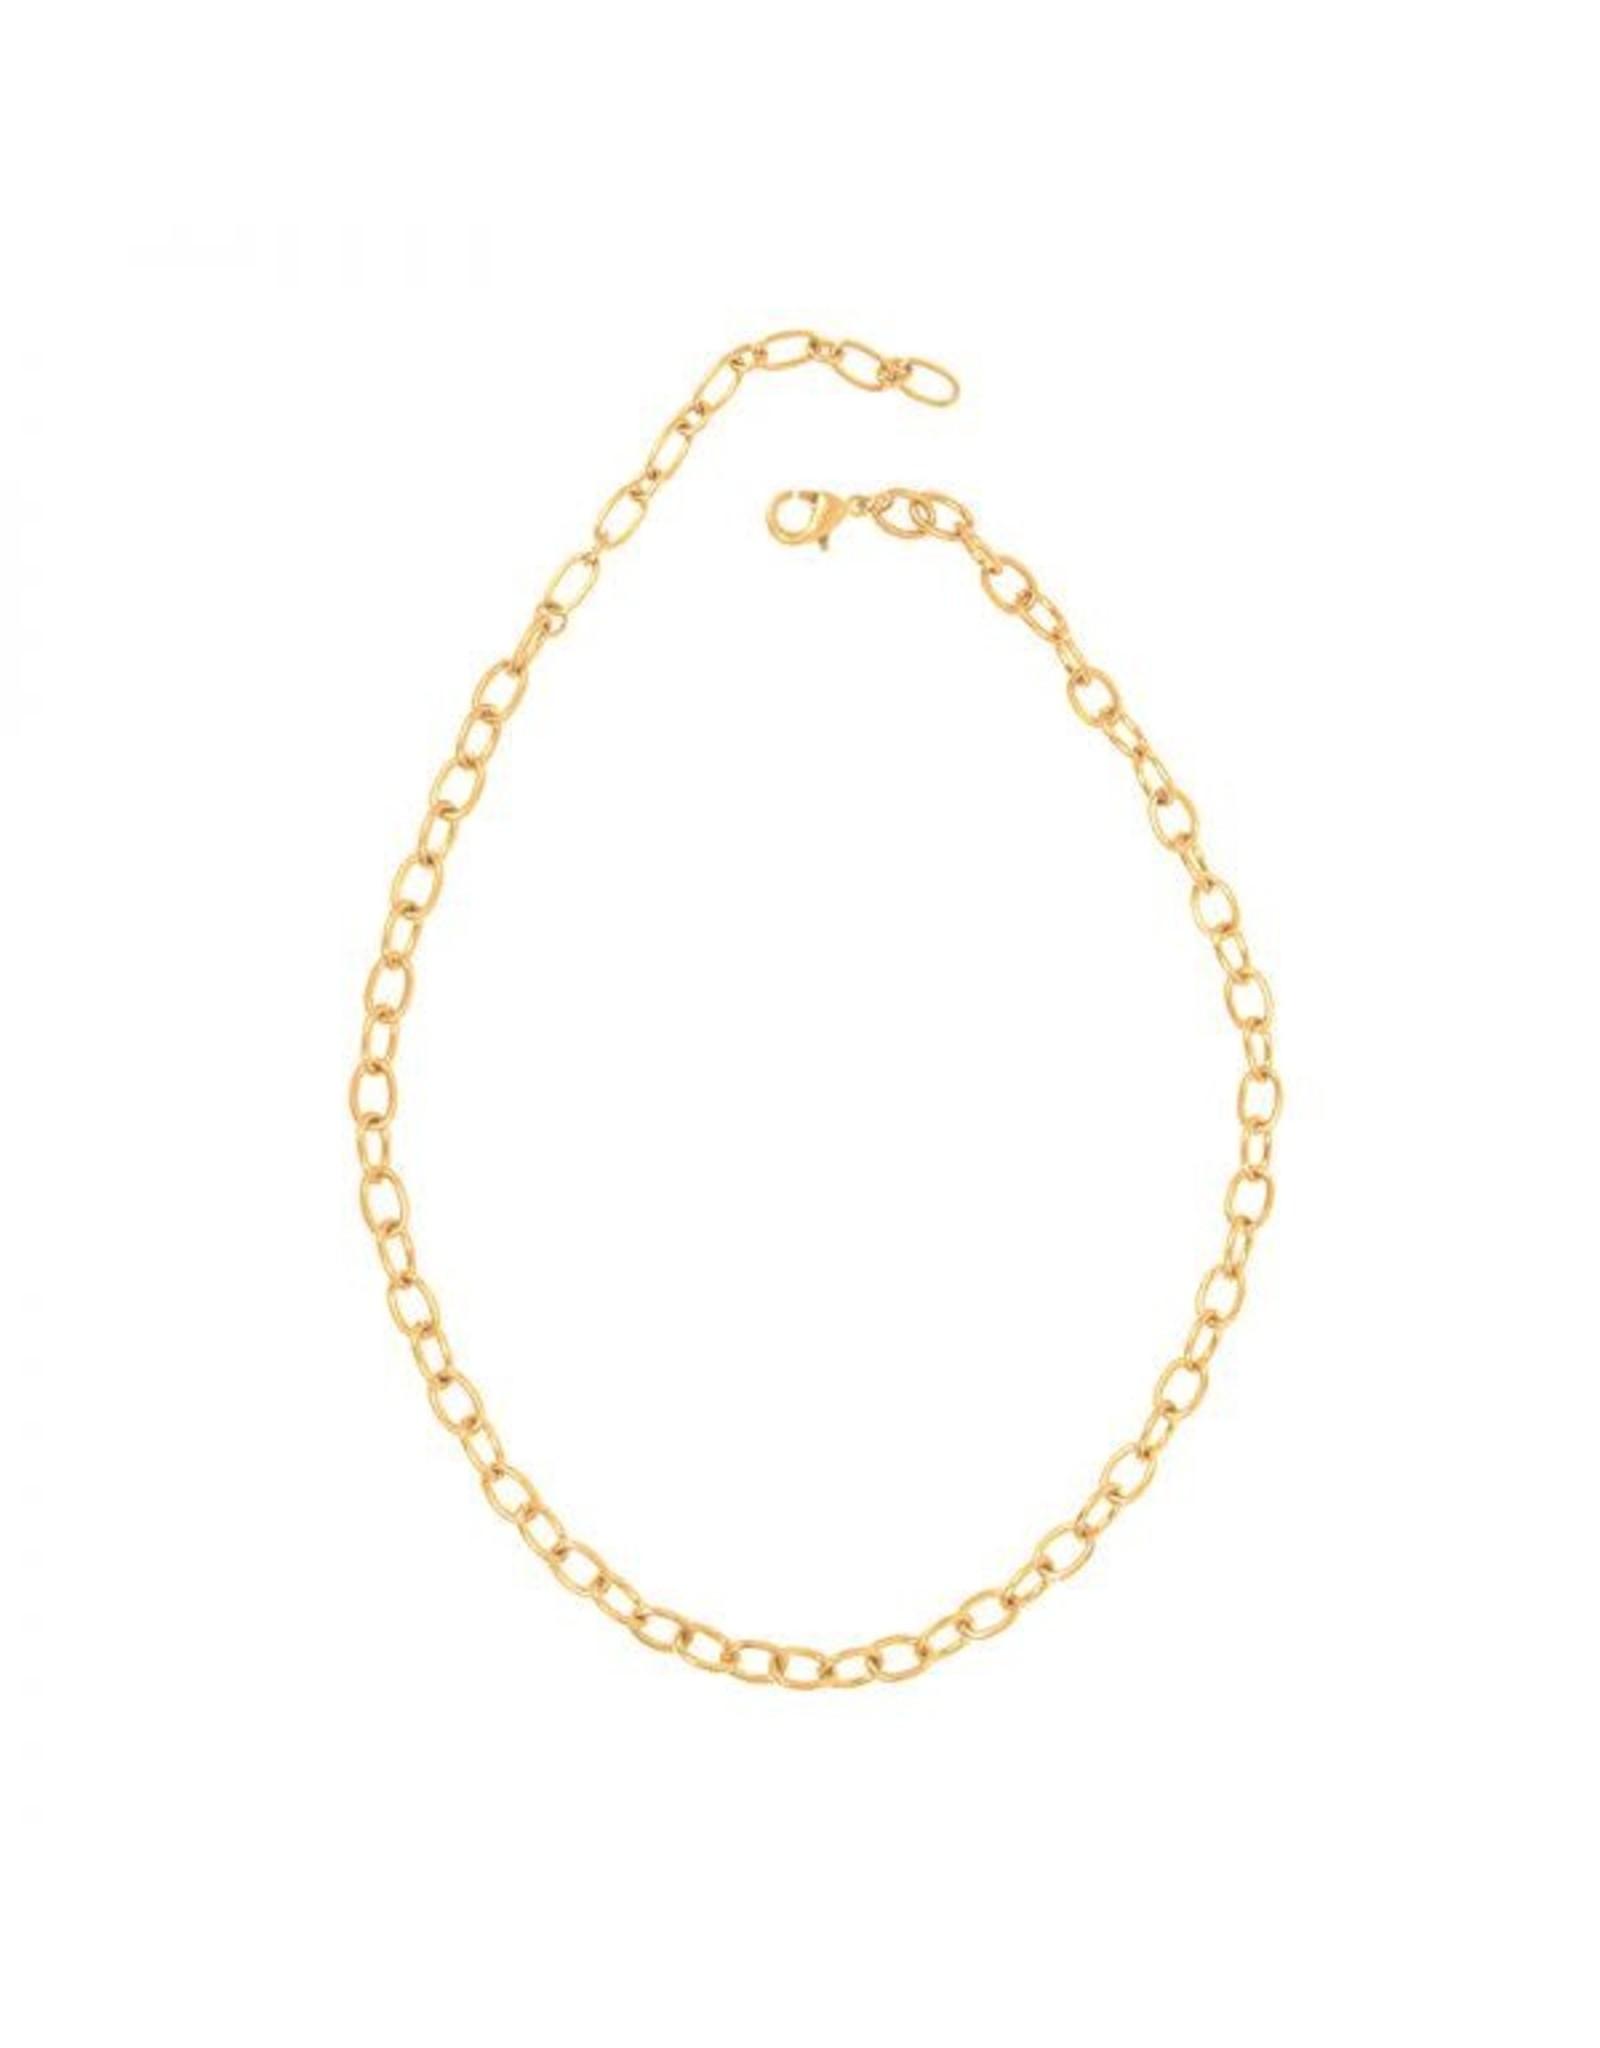 Joy Susan Gold Mini Link Necklace